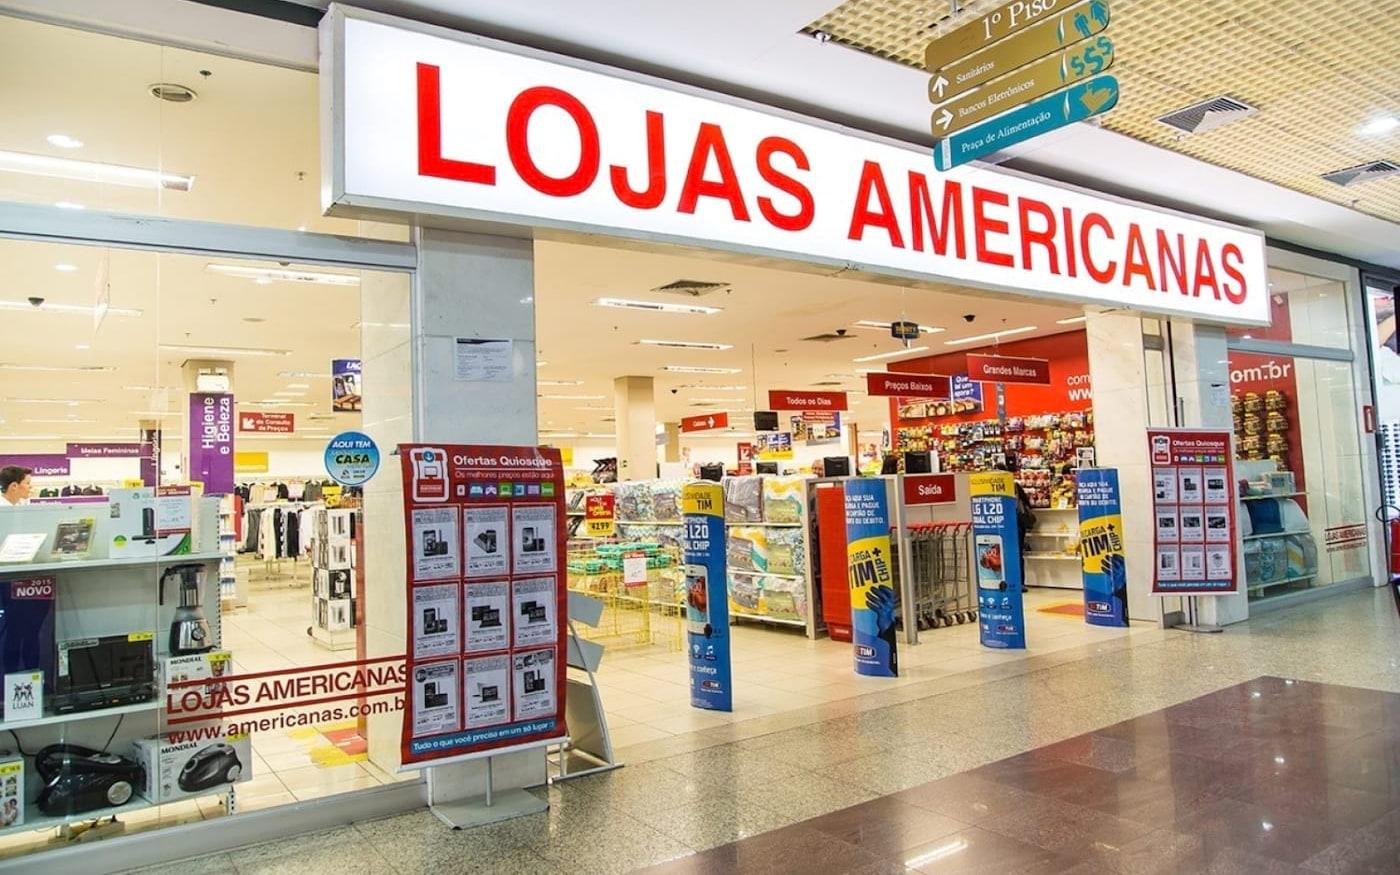 Ações das lojas americanas